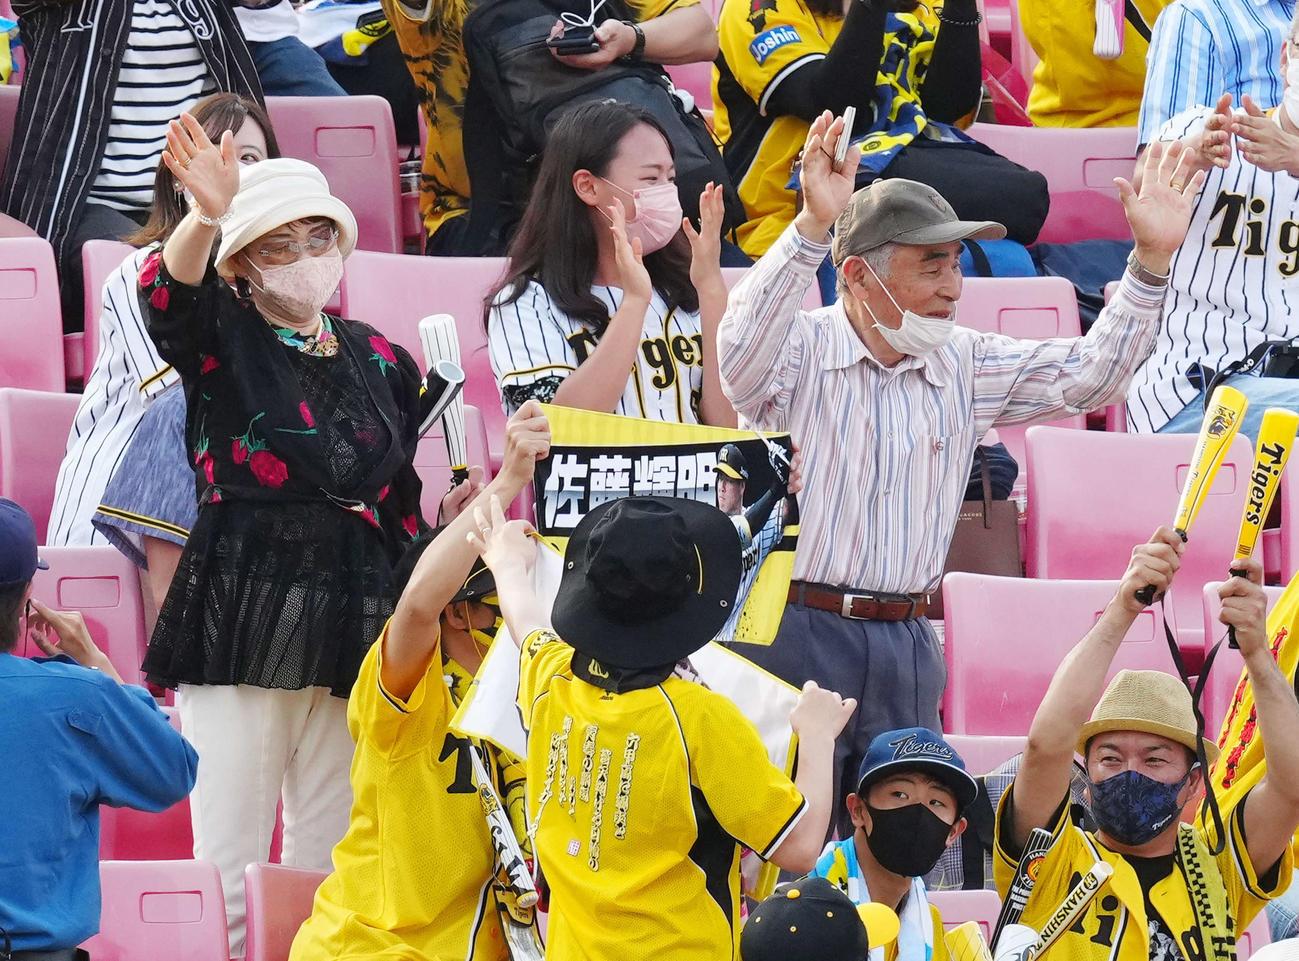 楽天対阪神 試合後、ヒーローインタビューを受ける阪神佐藤輝に手を振る祖父勲さん(中央右)と祖母美智恵さん(同左)(撮影・江口和貴)